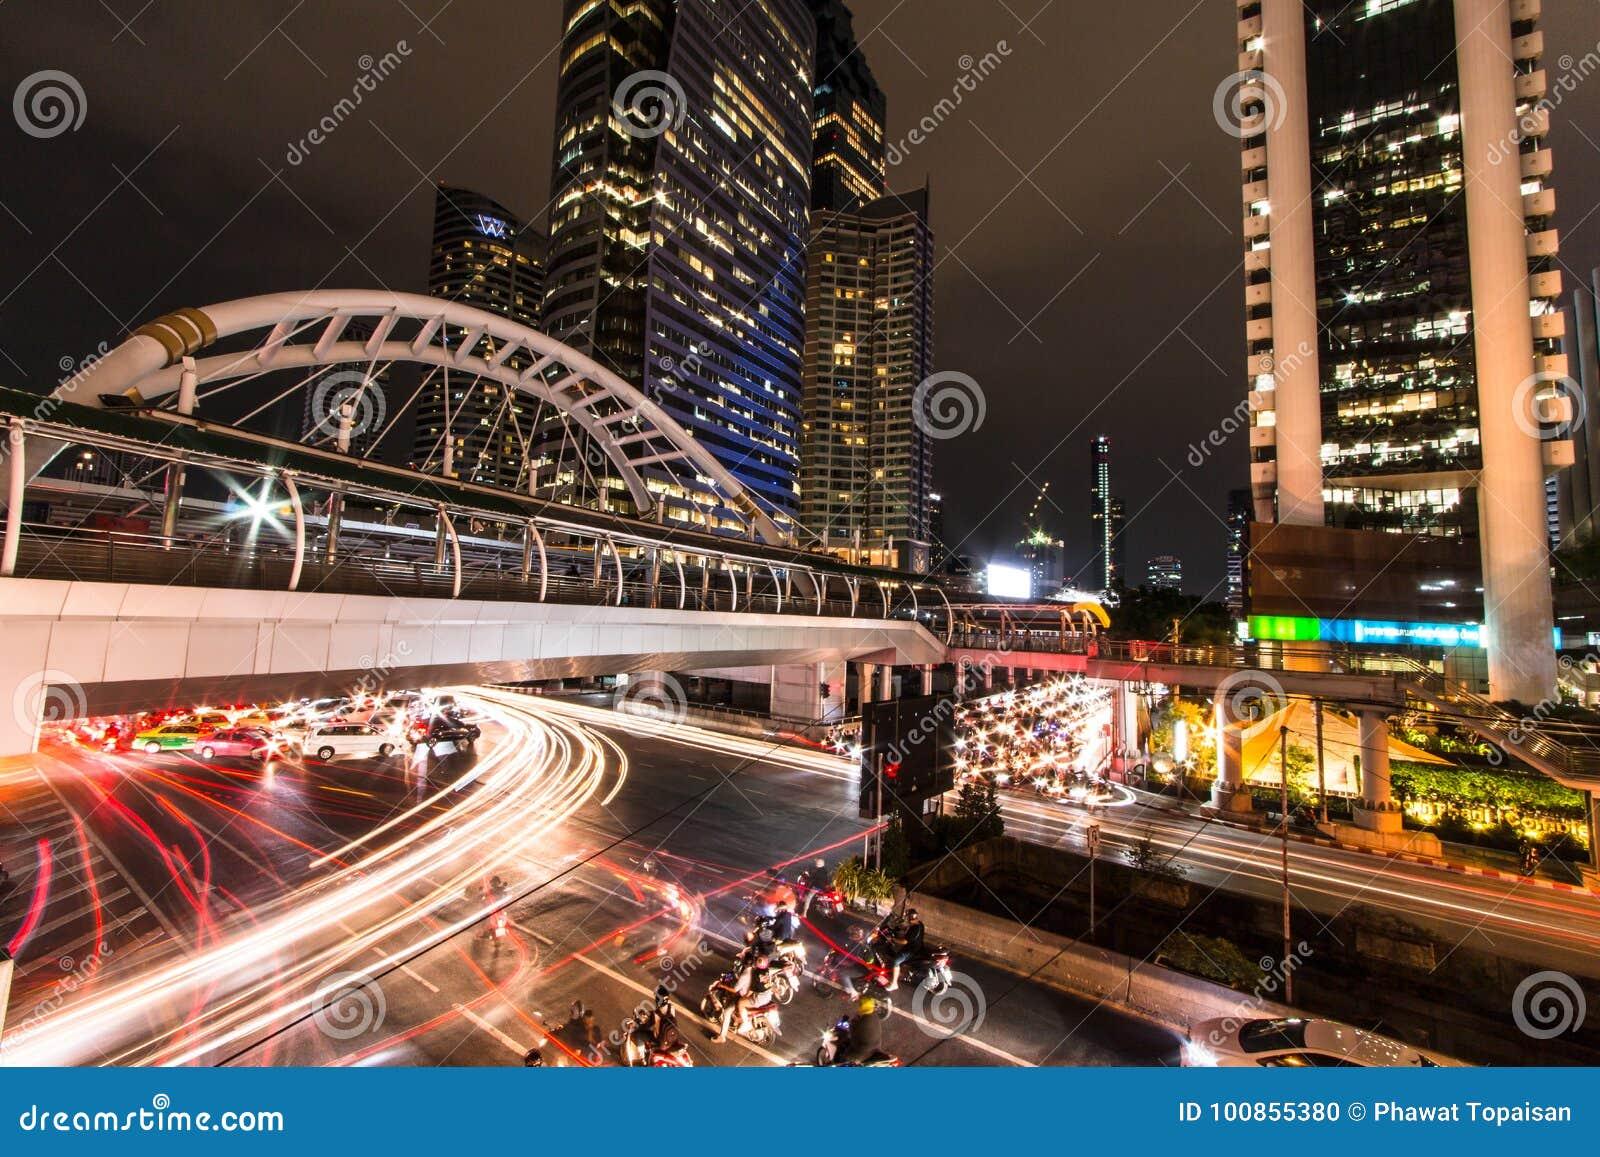 Sky walk BTS Sky walk BTS `Chong Nonsi` Bangkok Thailand.